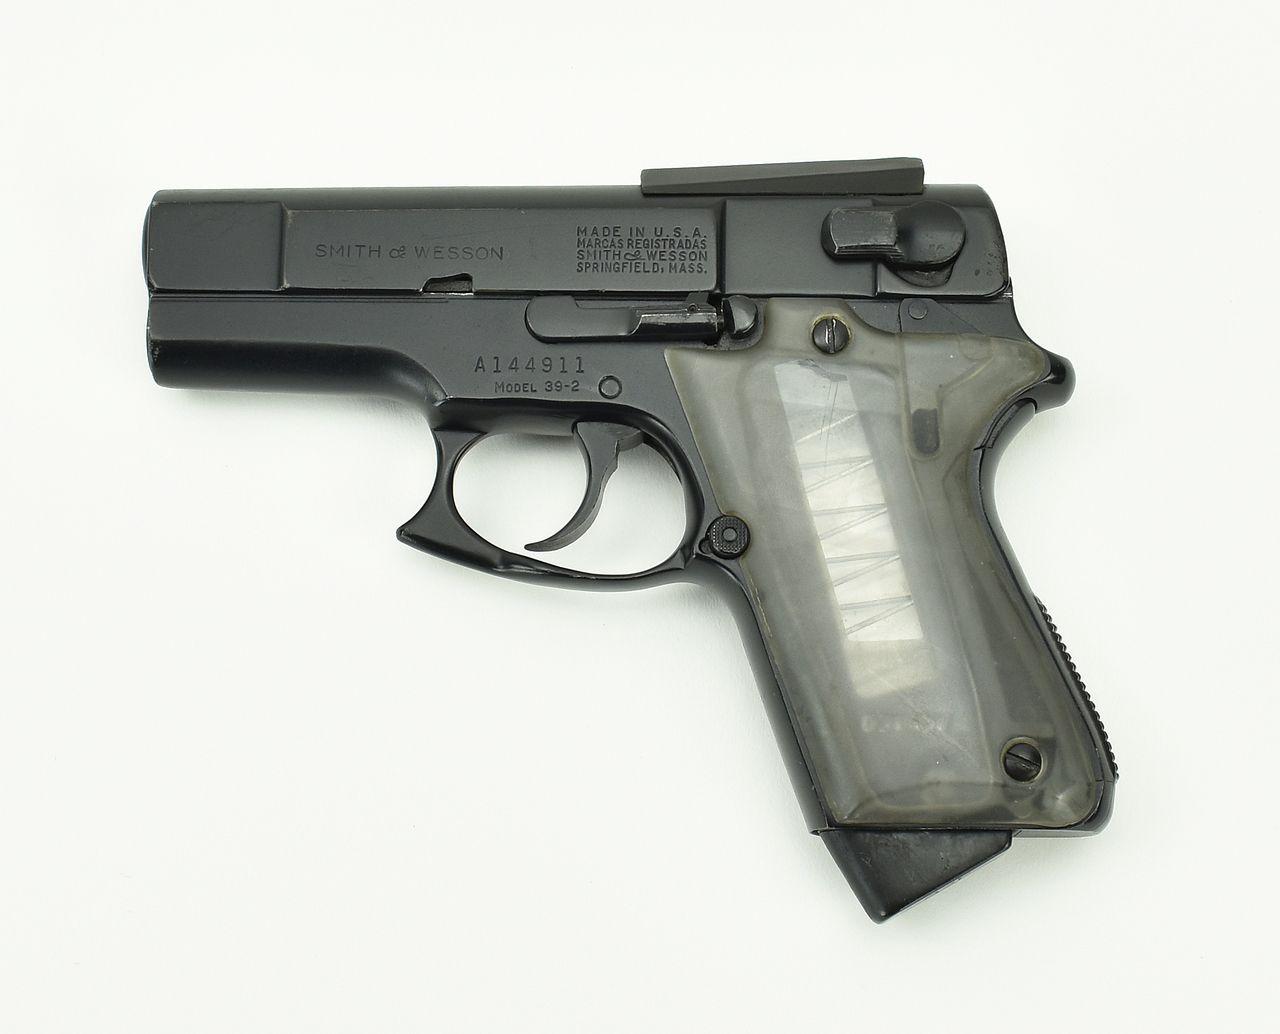 S&W 39-2 ASP 9mm caliber pistol. The original custom chopped carry ...